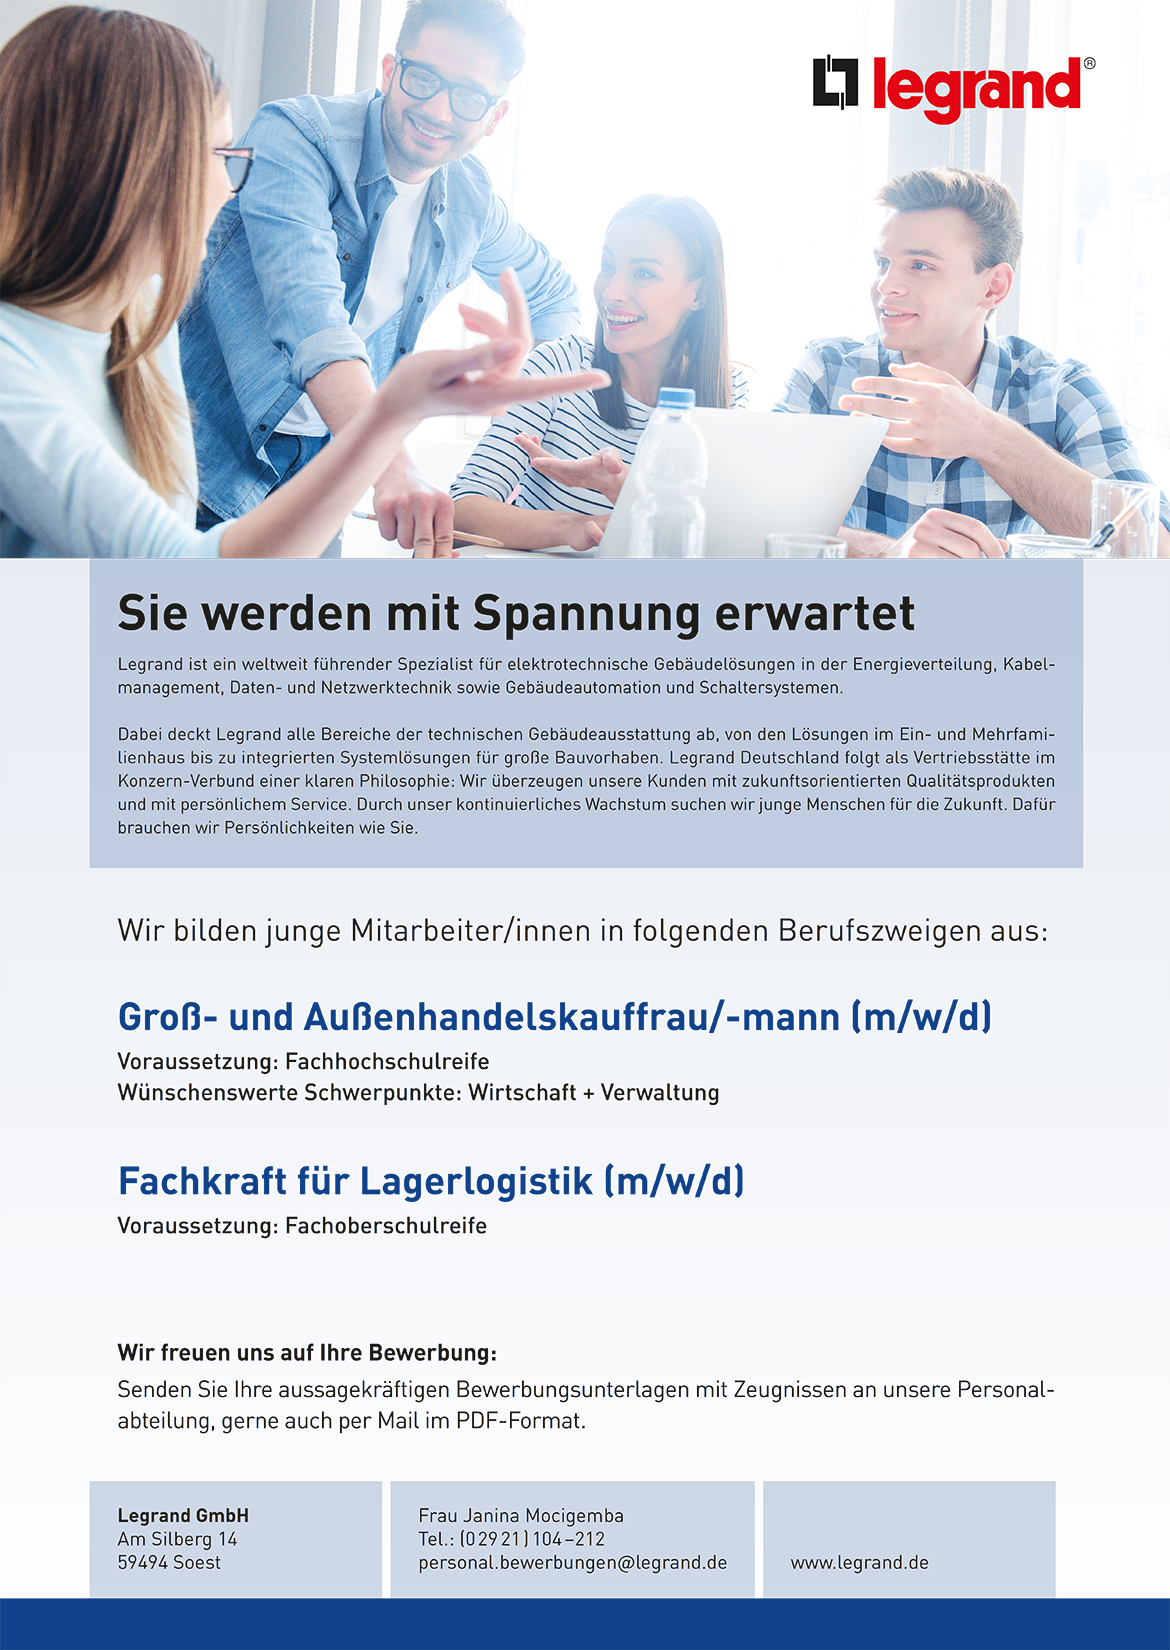 Ausbildungsplakat: Legrand GmbH